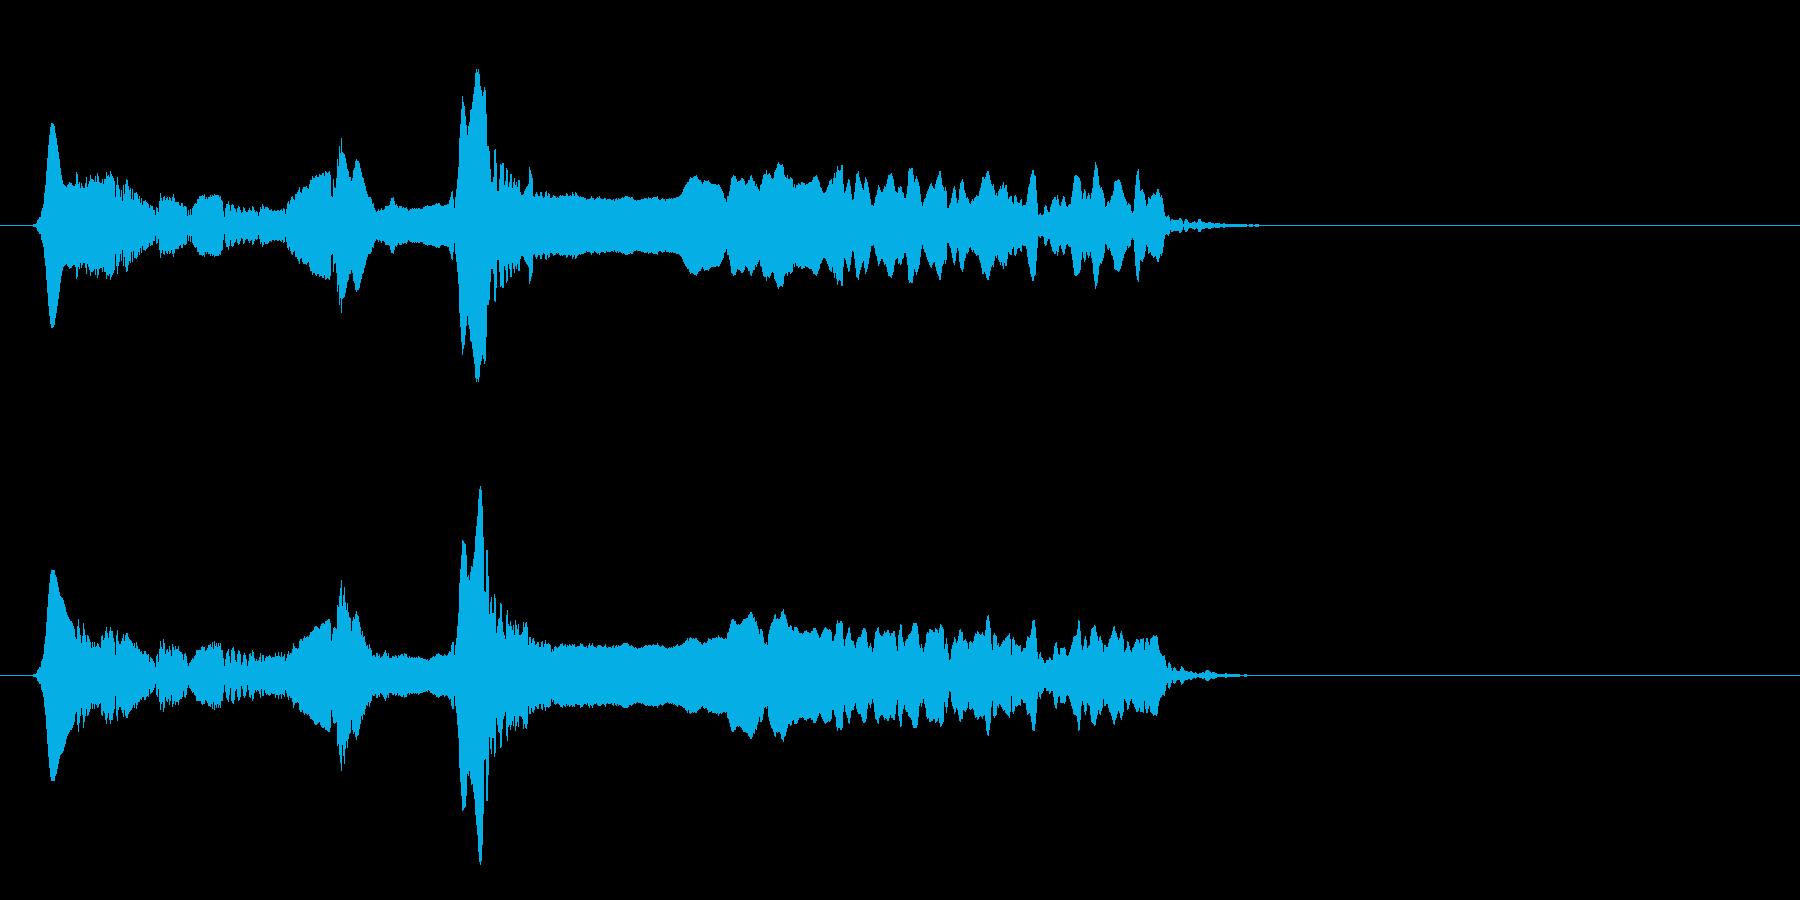 尺八 生演奏 古典風#20の再生済みの波形